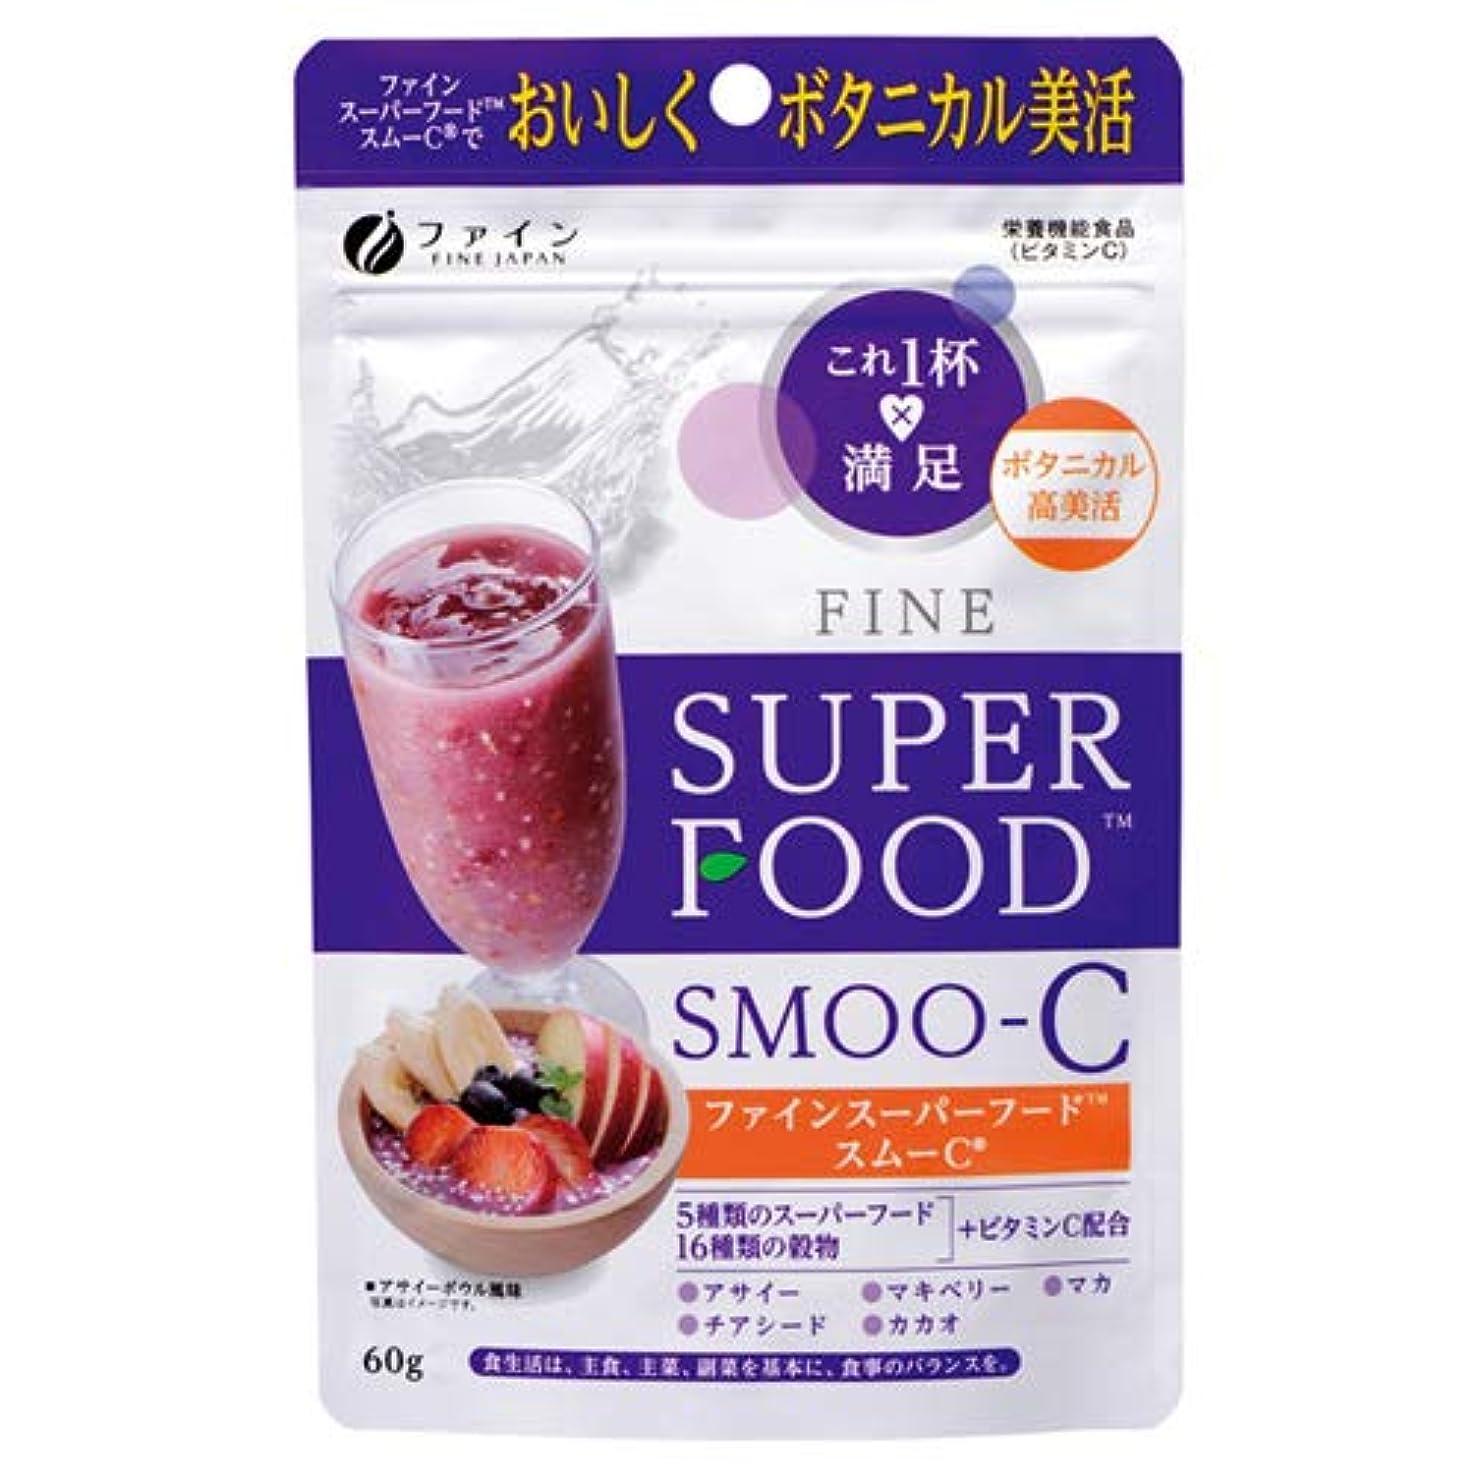 シリーズ少年小包ファイン スーパーフード スムーC 60g 【2袋組】